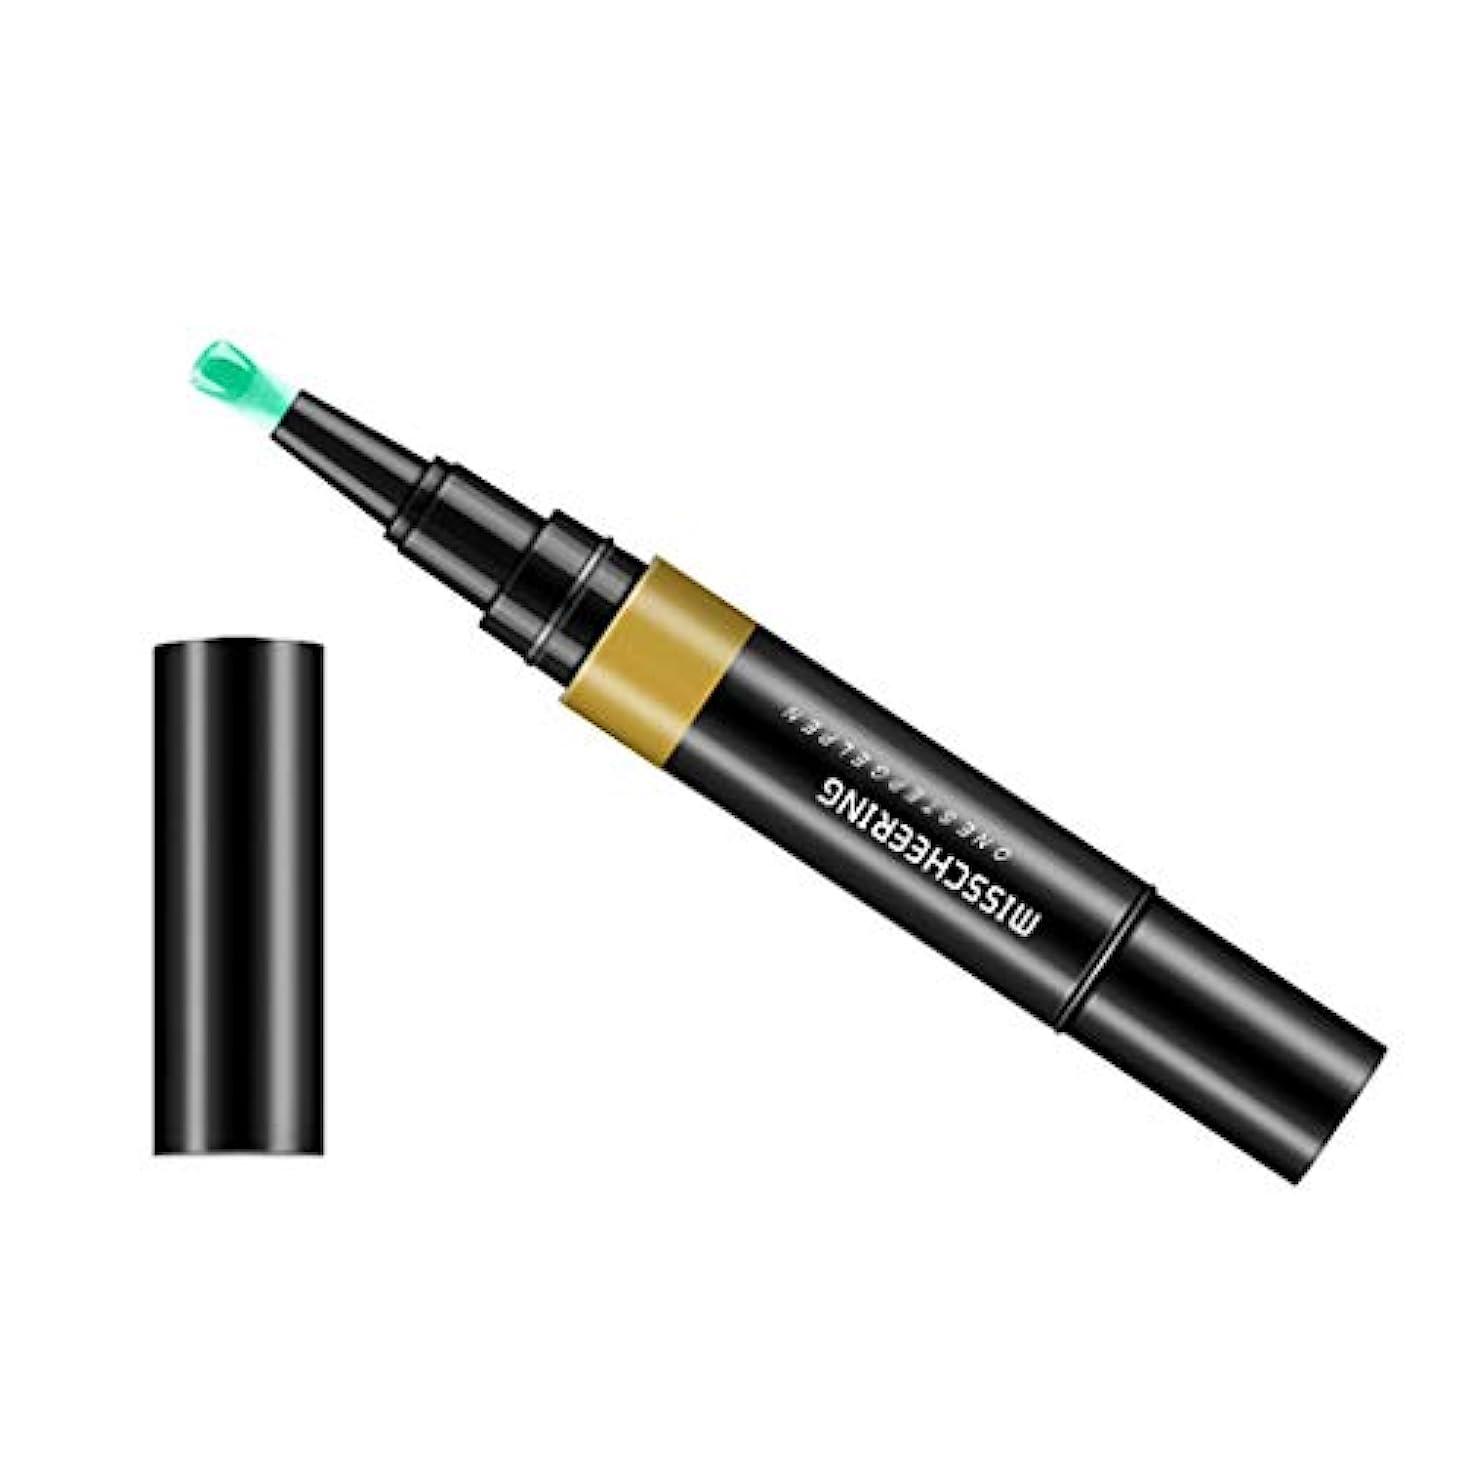 ライン雨豪華なToygogo ジェル マニキュアペン ワニスラッカー ネイルアートペン 3 イン 1 サロン 初心者 セルフネイル DIY - グリーングレー